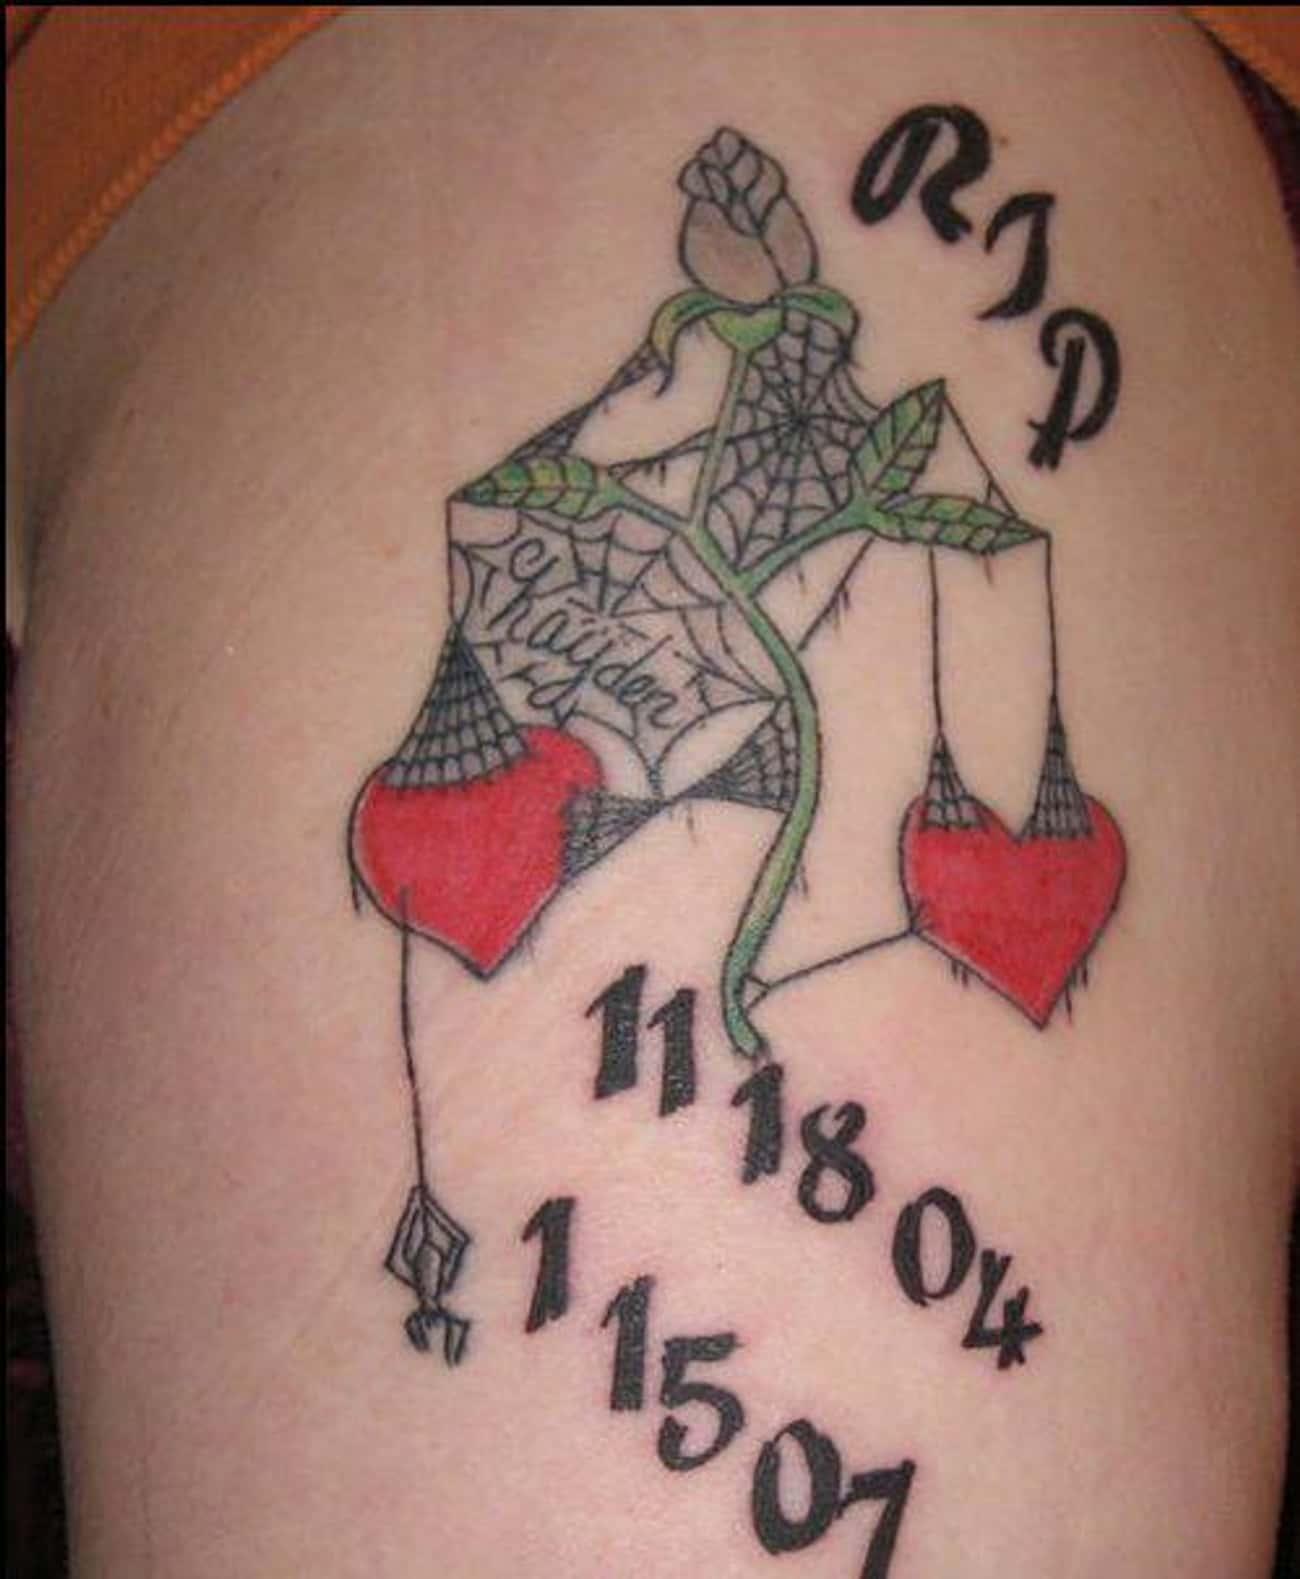 Heavy Heart RIP Tattoo